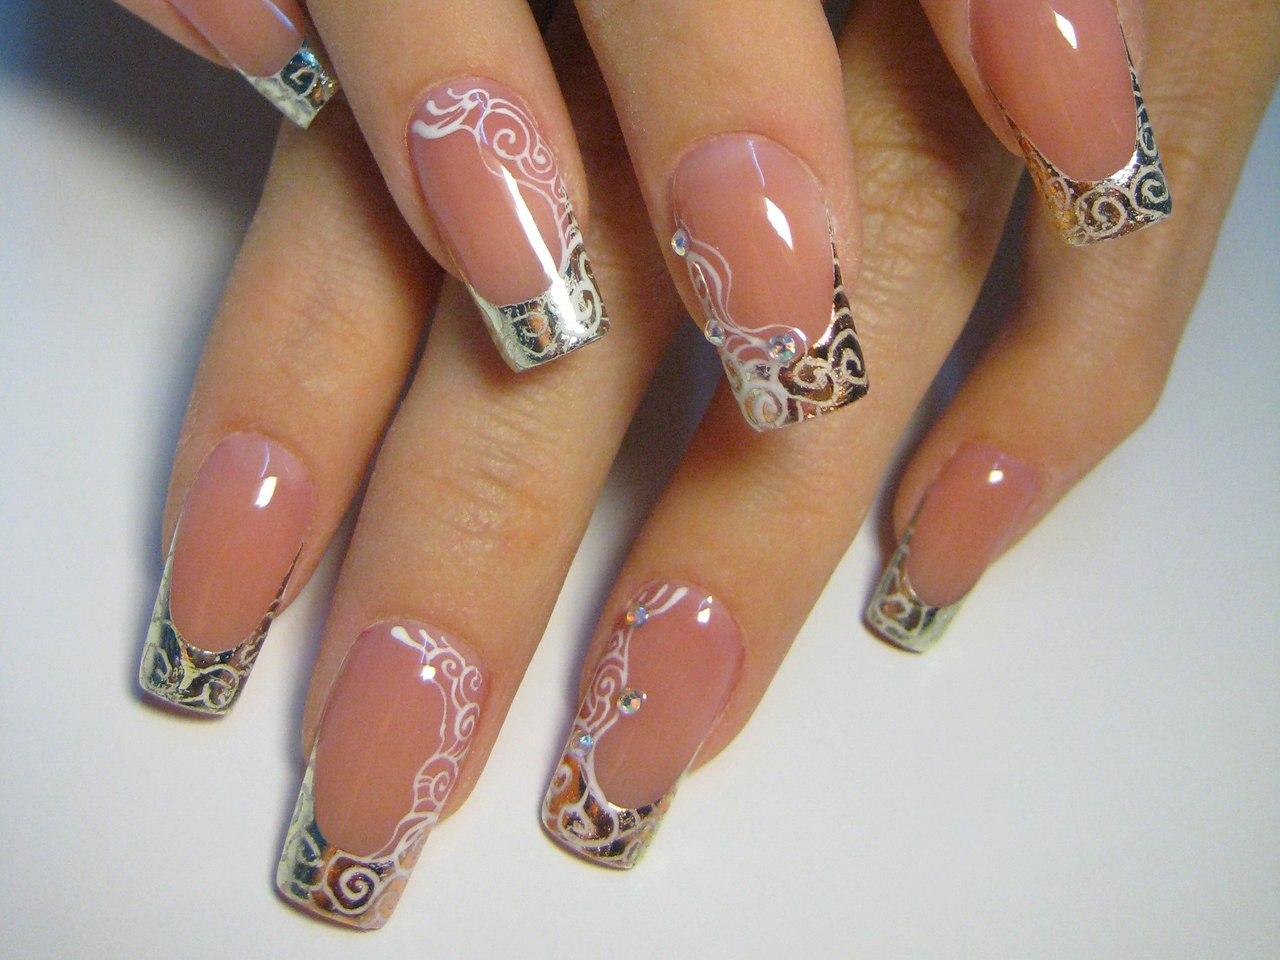 Фото нарощенных ногтей париж